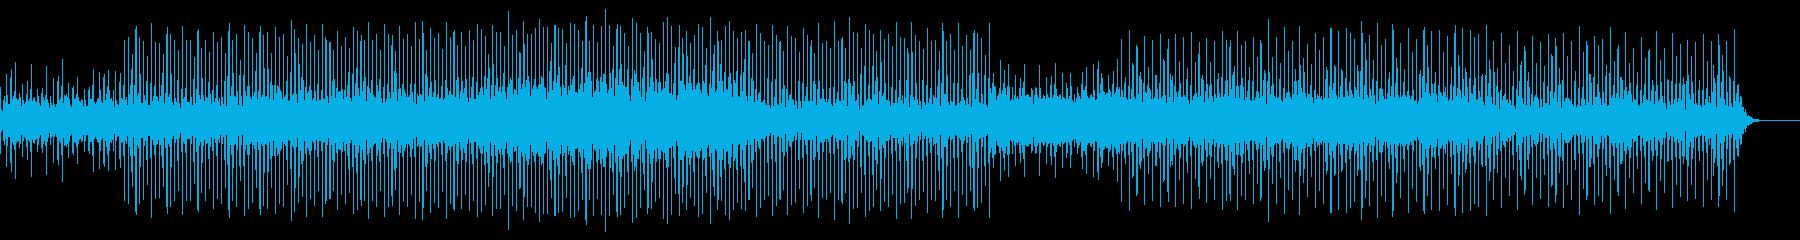 明るくポップで楽しい雰囲気のBGMの再生済みの波形